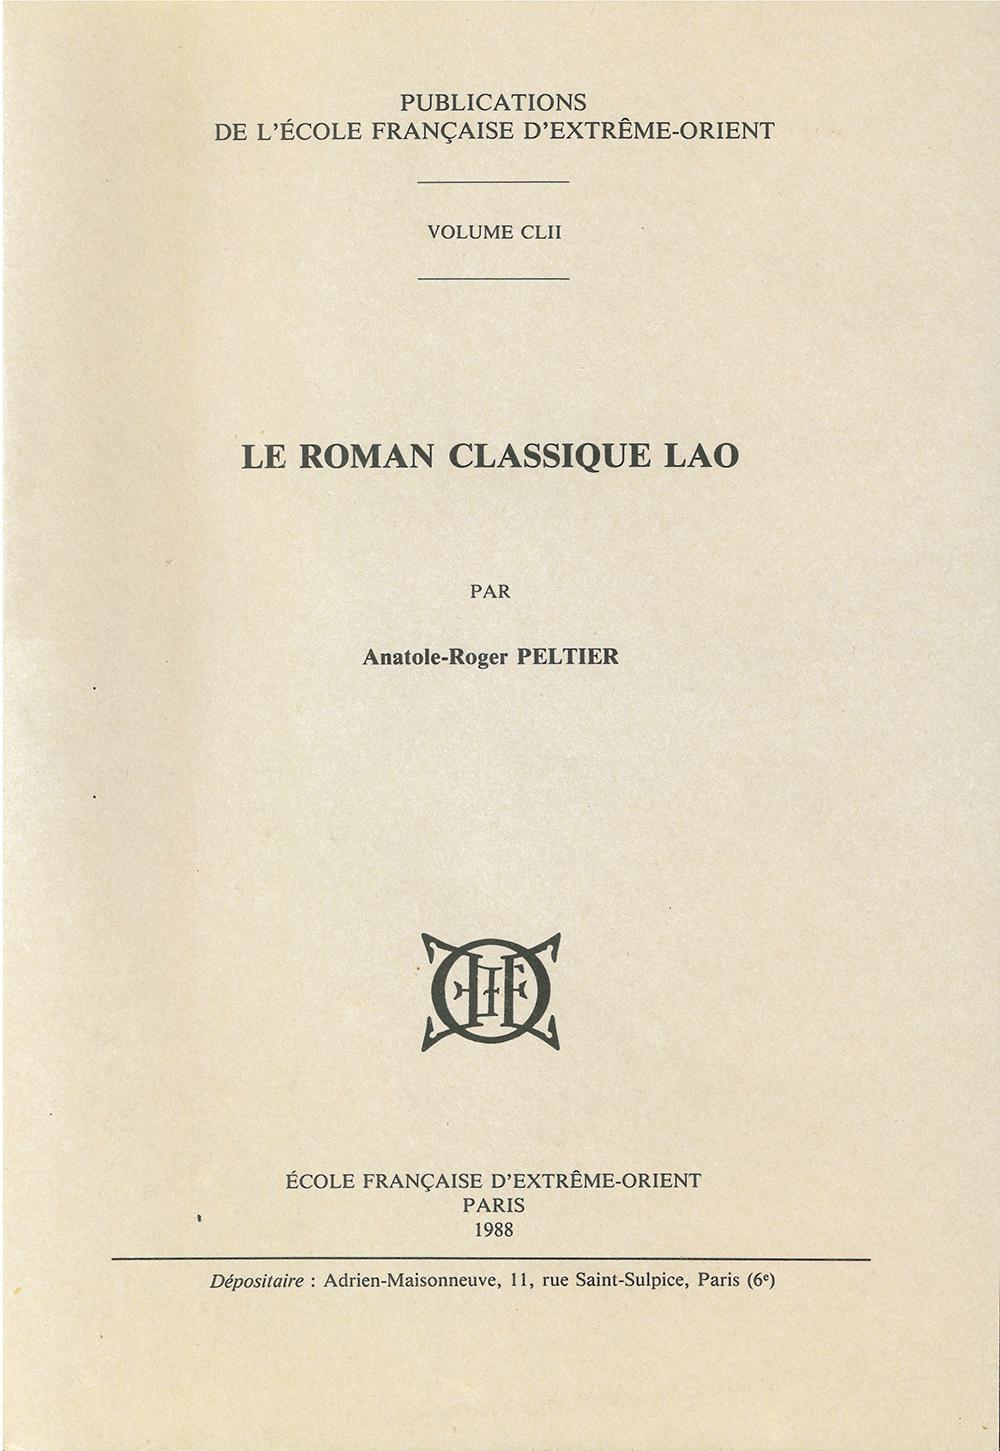 Le roman classique lao